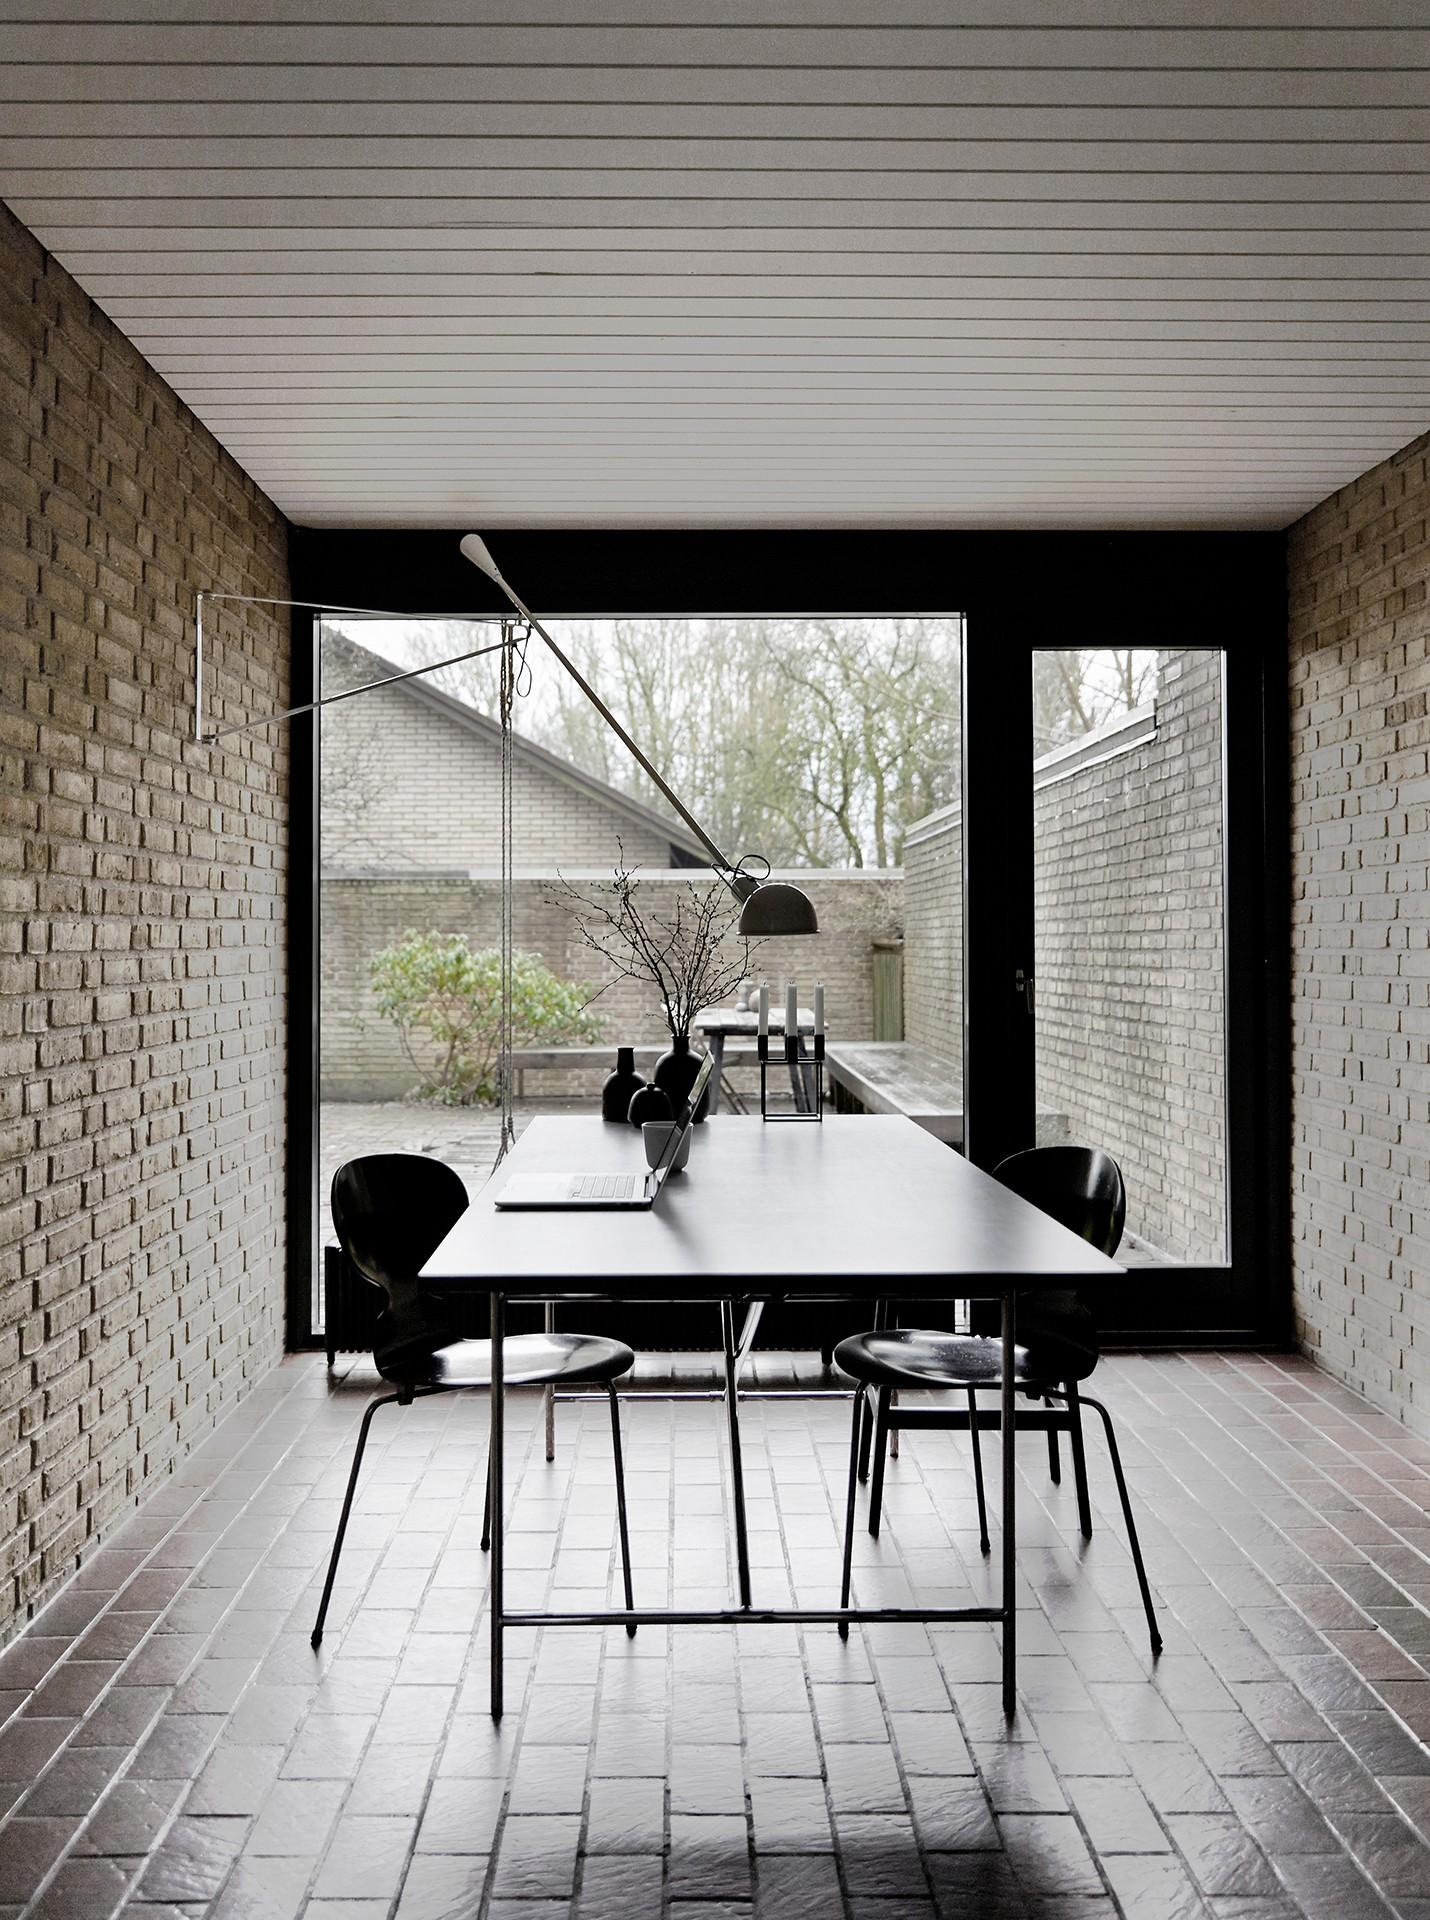 sofie-ladefoged-interior-villa-ladefoged-27.jpg